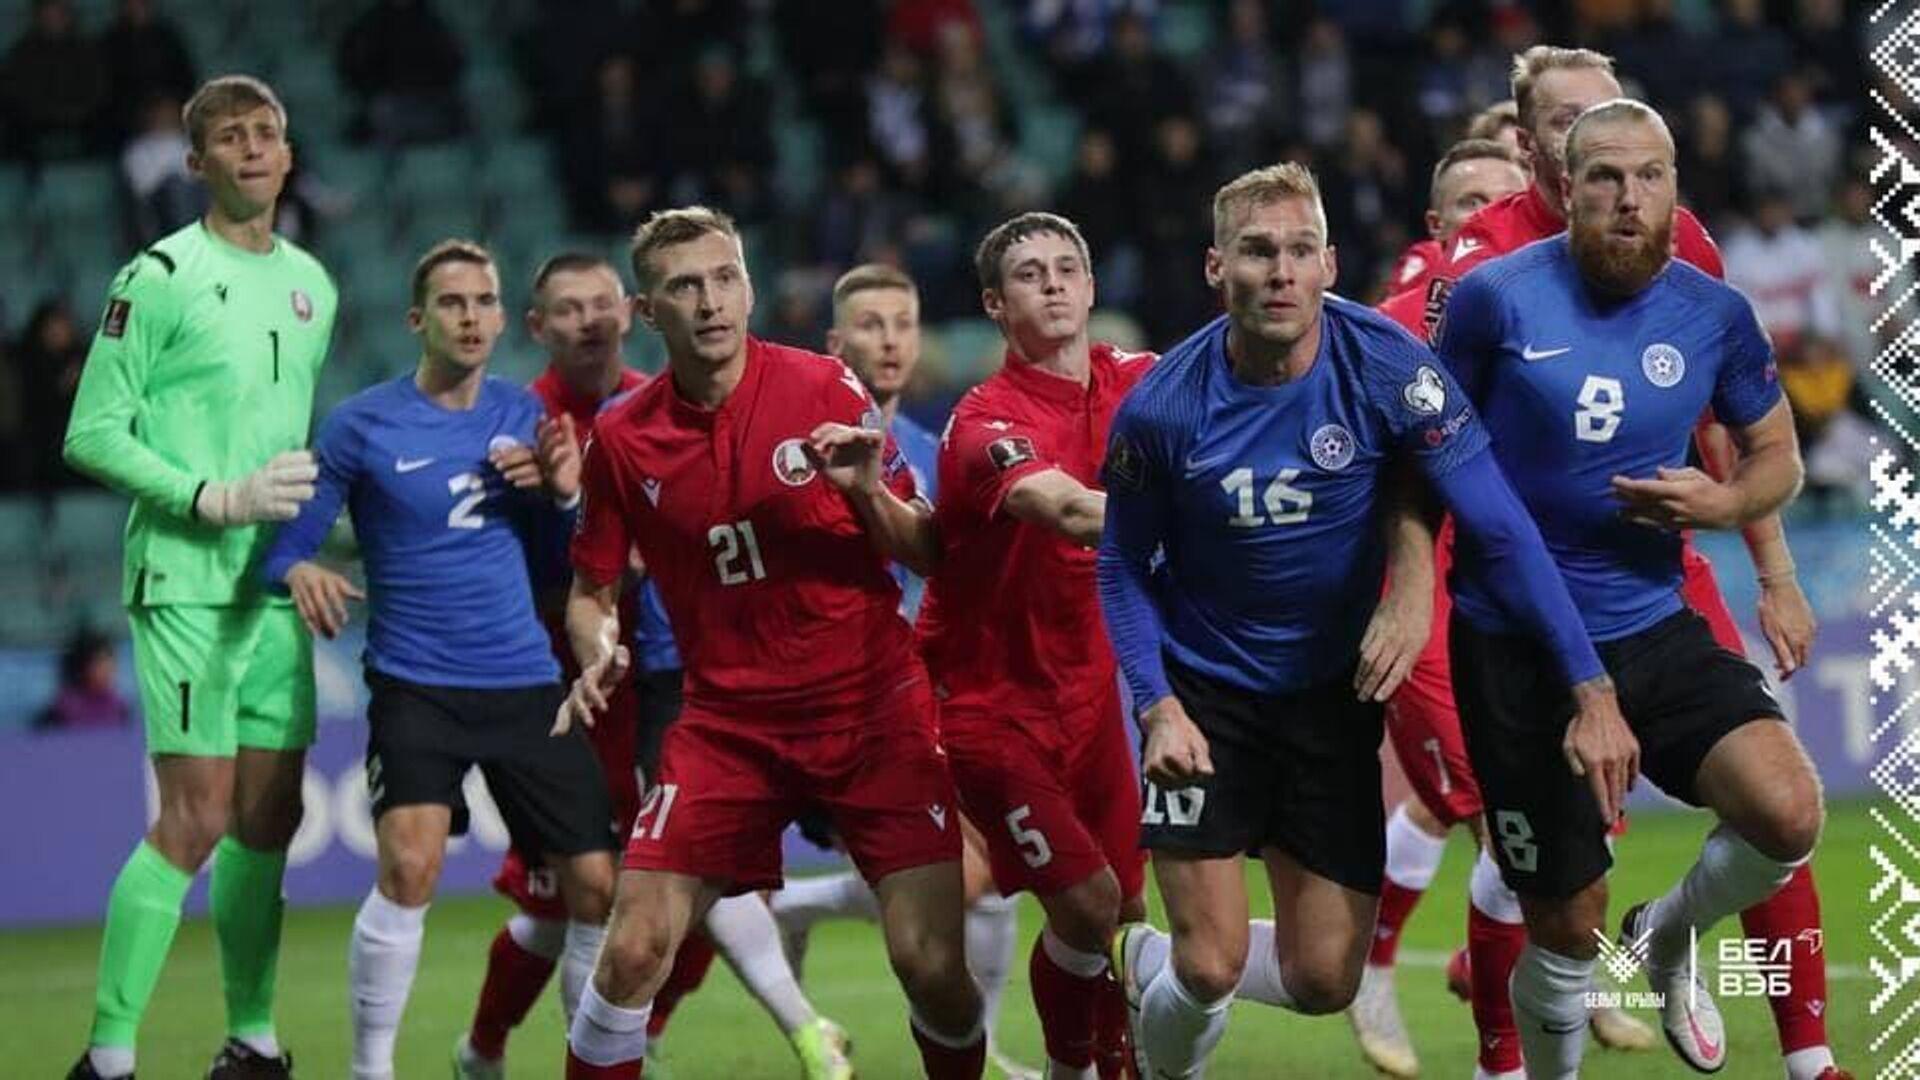 Сборная Беларуси уступила Эстонии в отборочном матче на ЧМ-2022 - Sputnik Беларусь, 1920, 09.10.2021